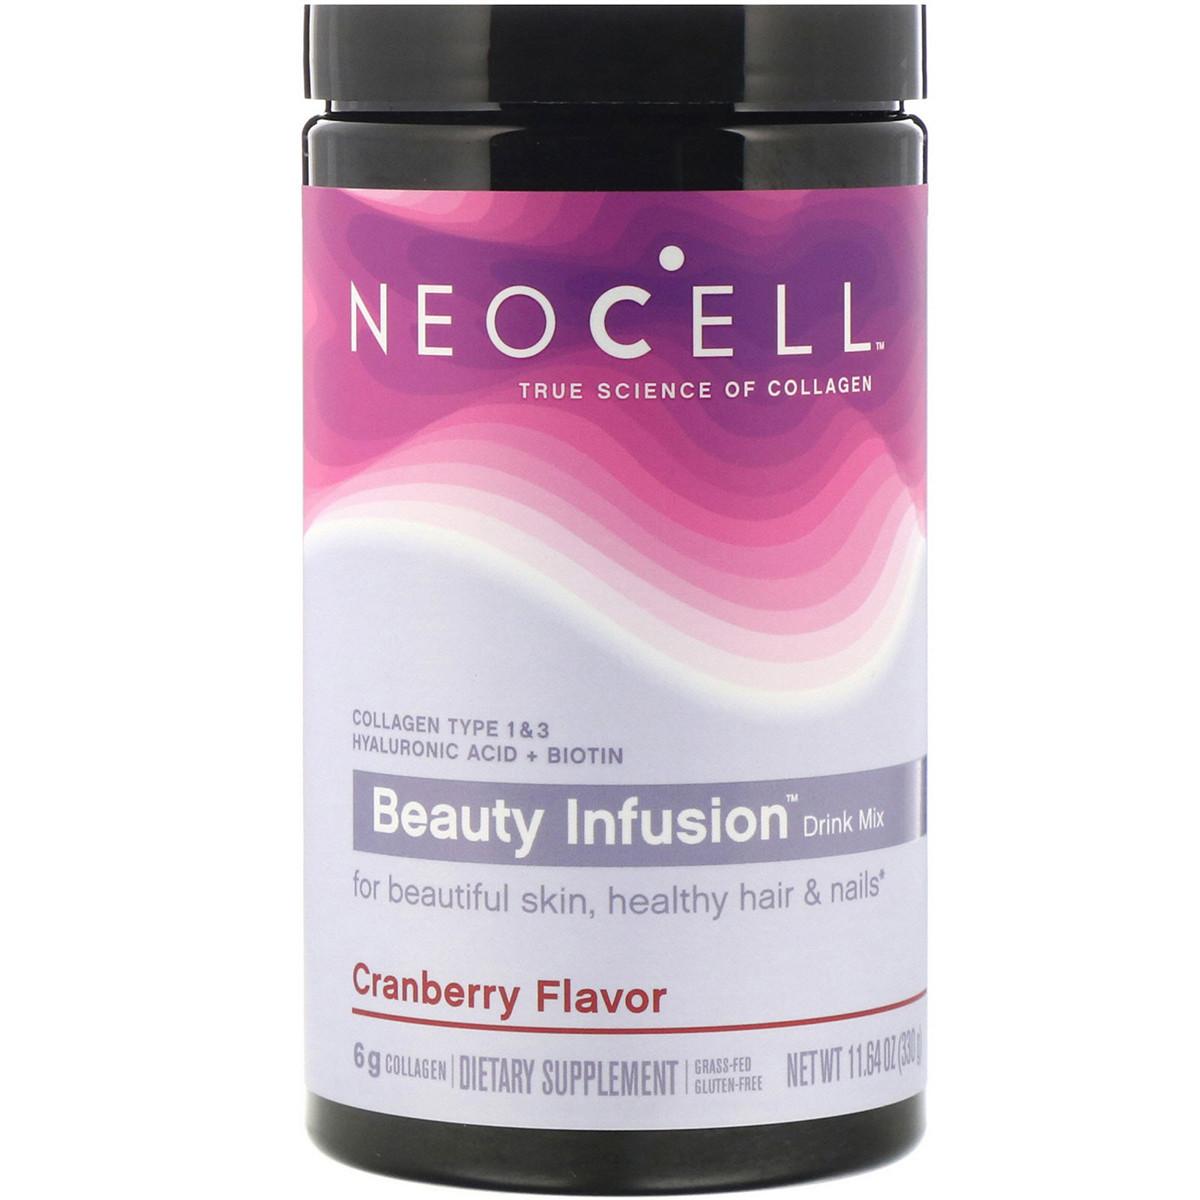 Комплекс для красоты волос кожи и ногтей Neocell Коллаген 1 и 3 типа Гиалуроновая кислота и Биотин вкус клюквы